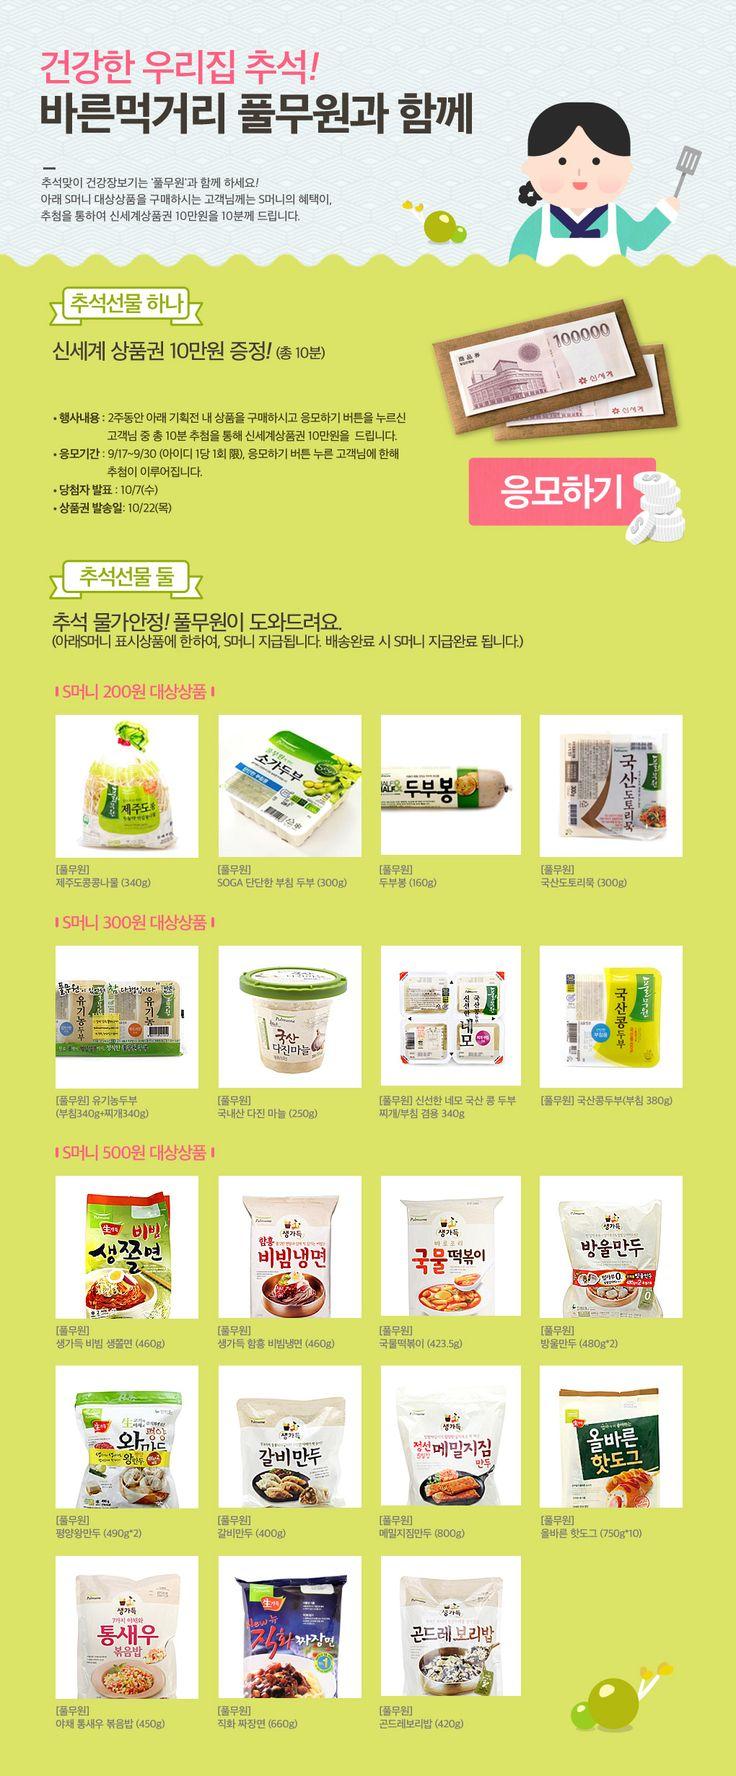 이벤트/쿠폰 > (0917_0930) 풀무원 추석제수음식 이벤트 , 신세계적 쇼핑포털 SSG.COM